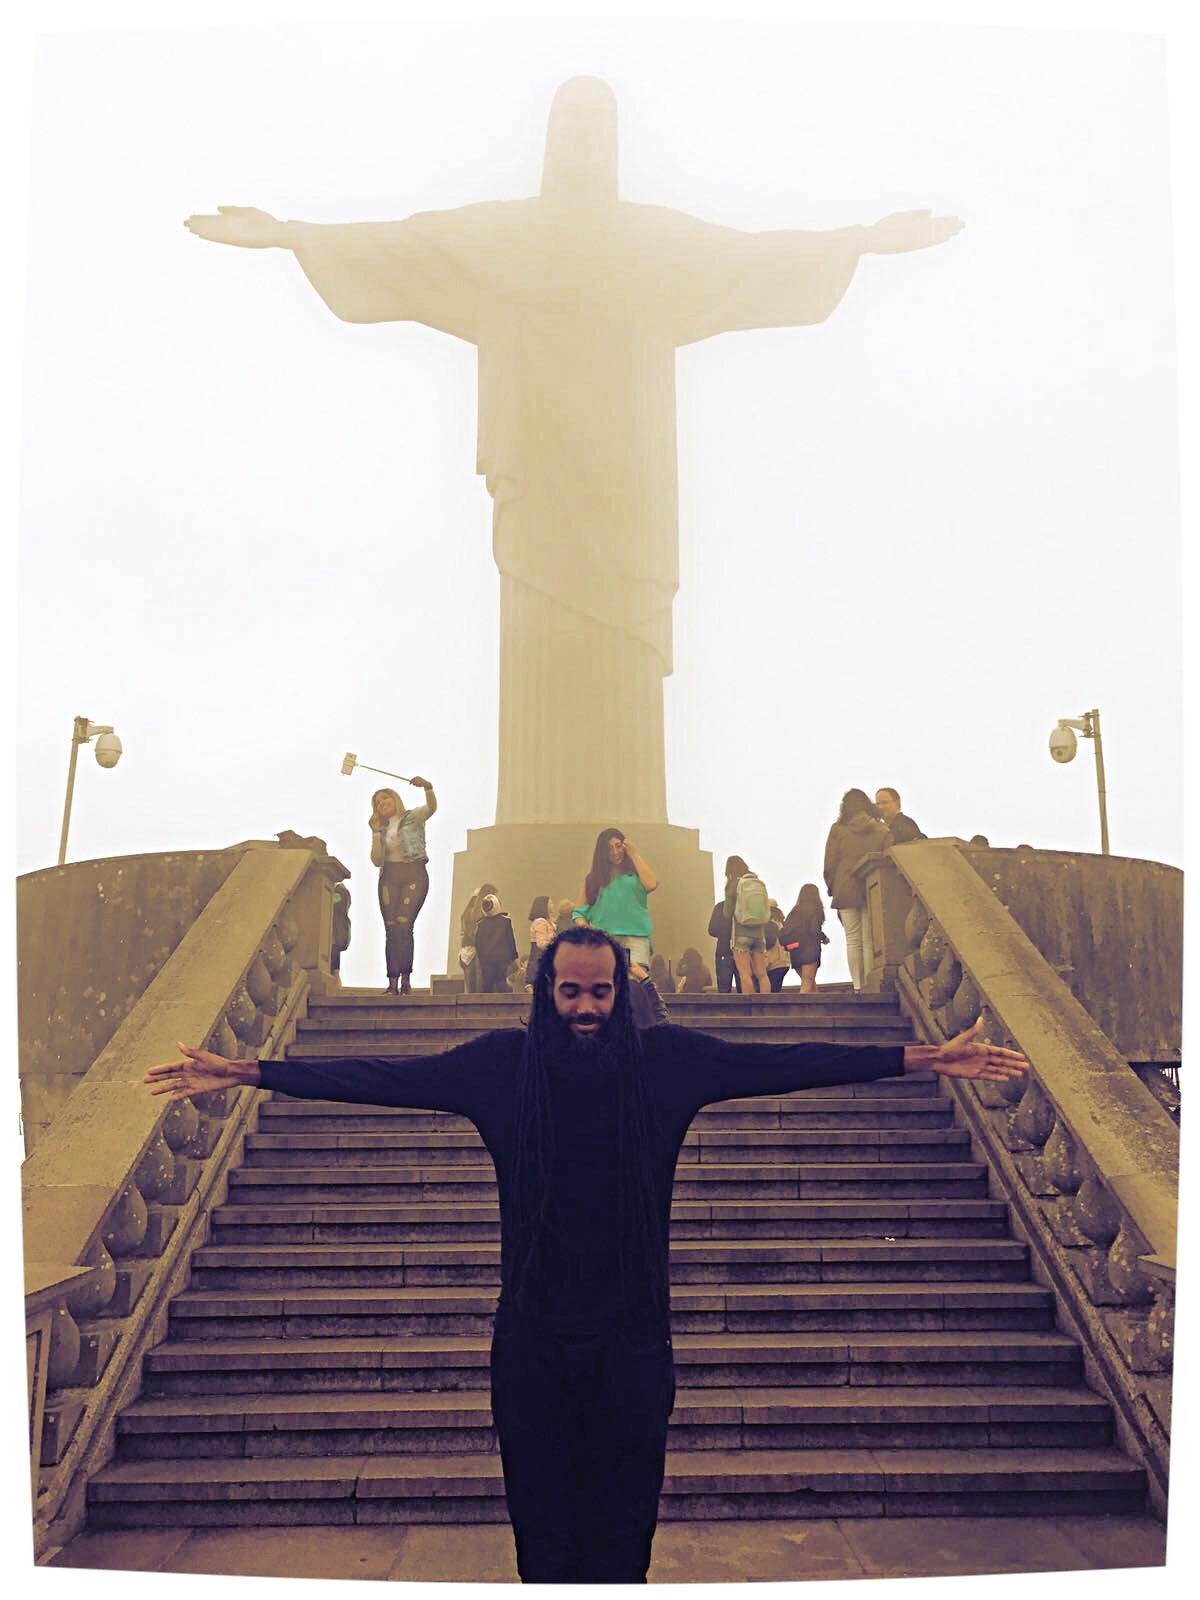 At Cristo Redentor, Rio De Janiero